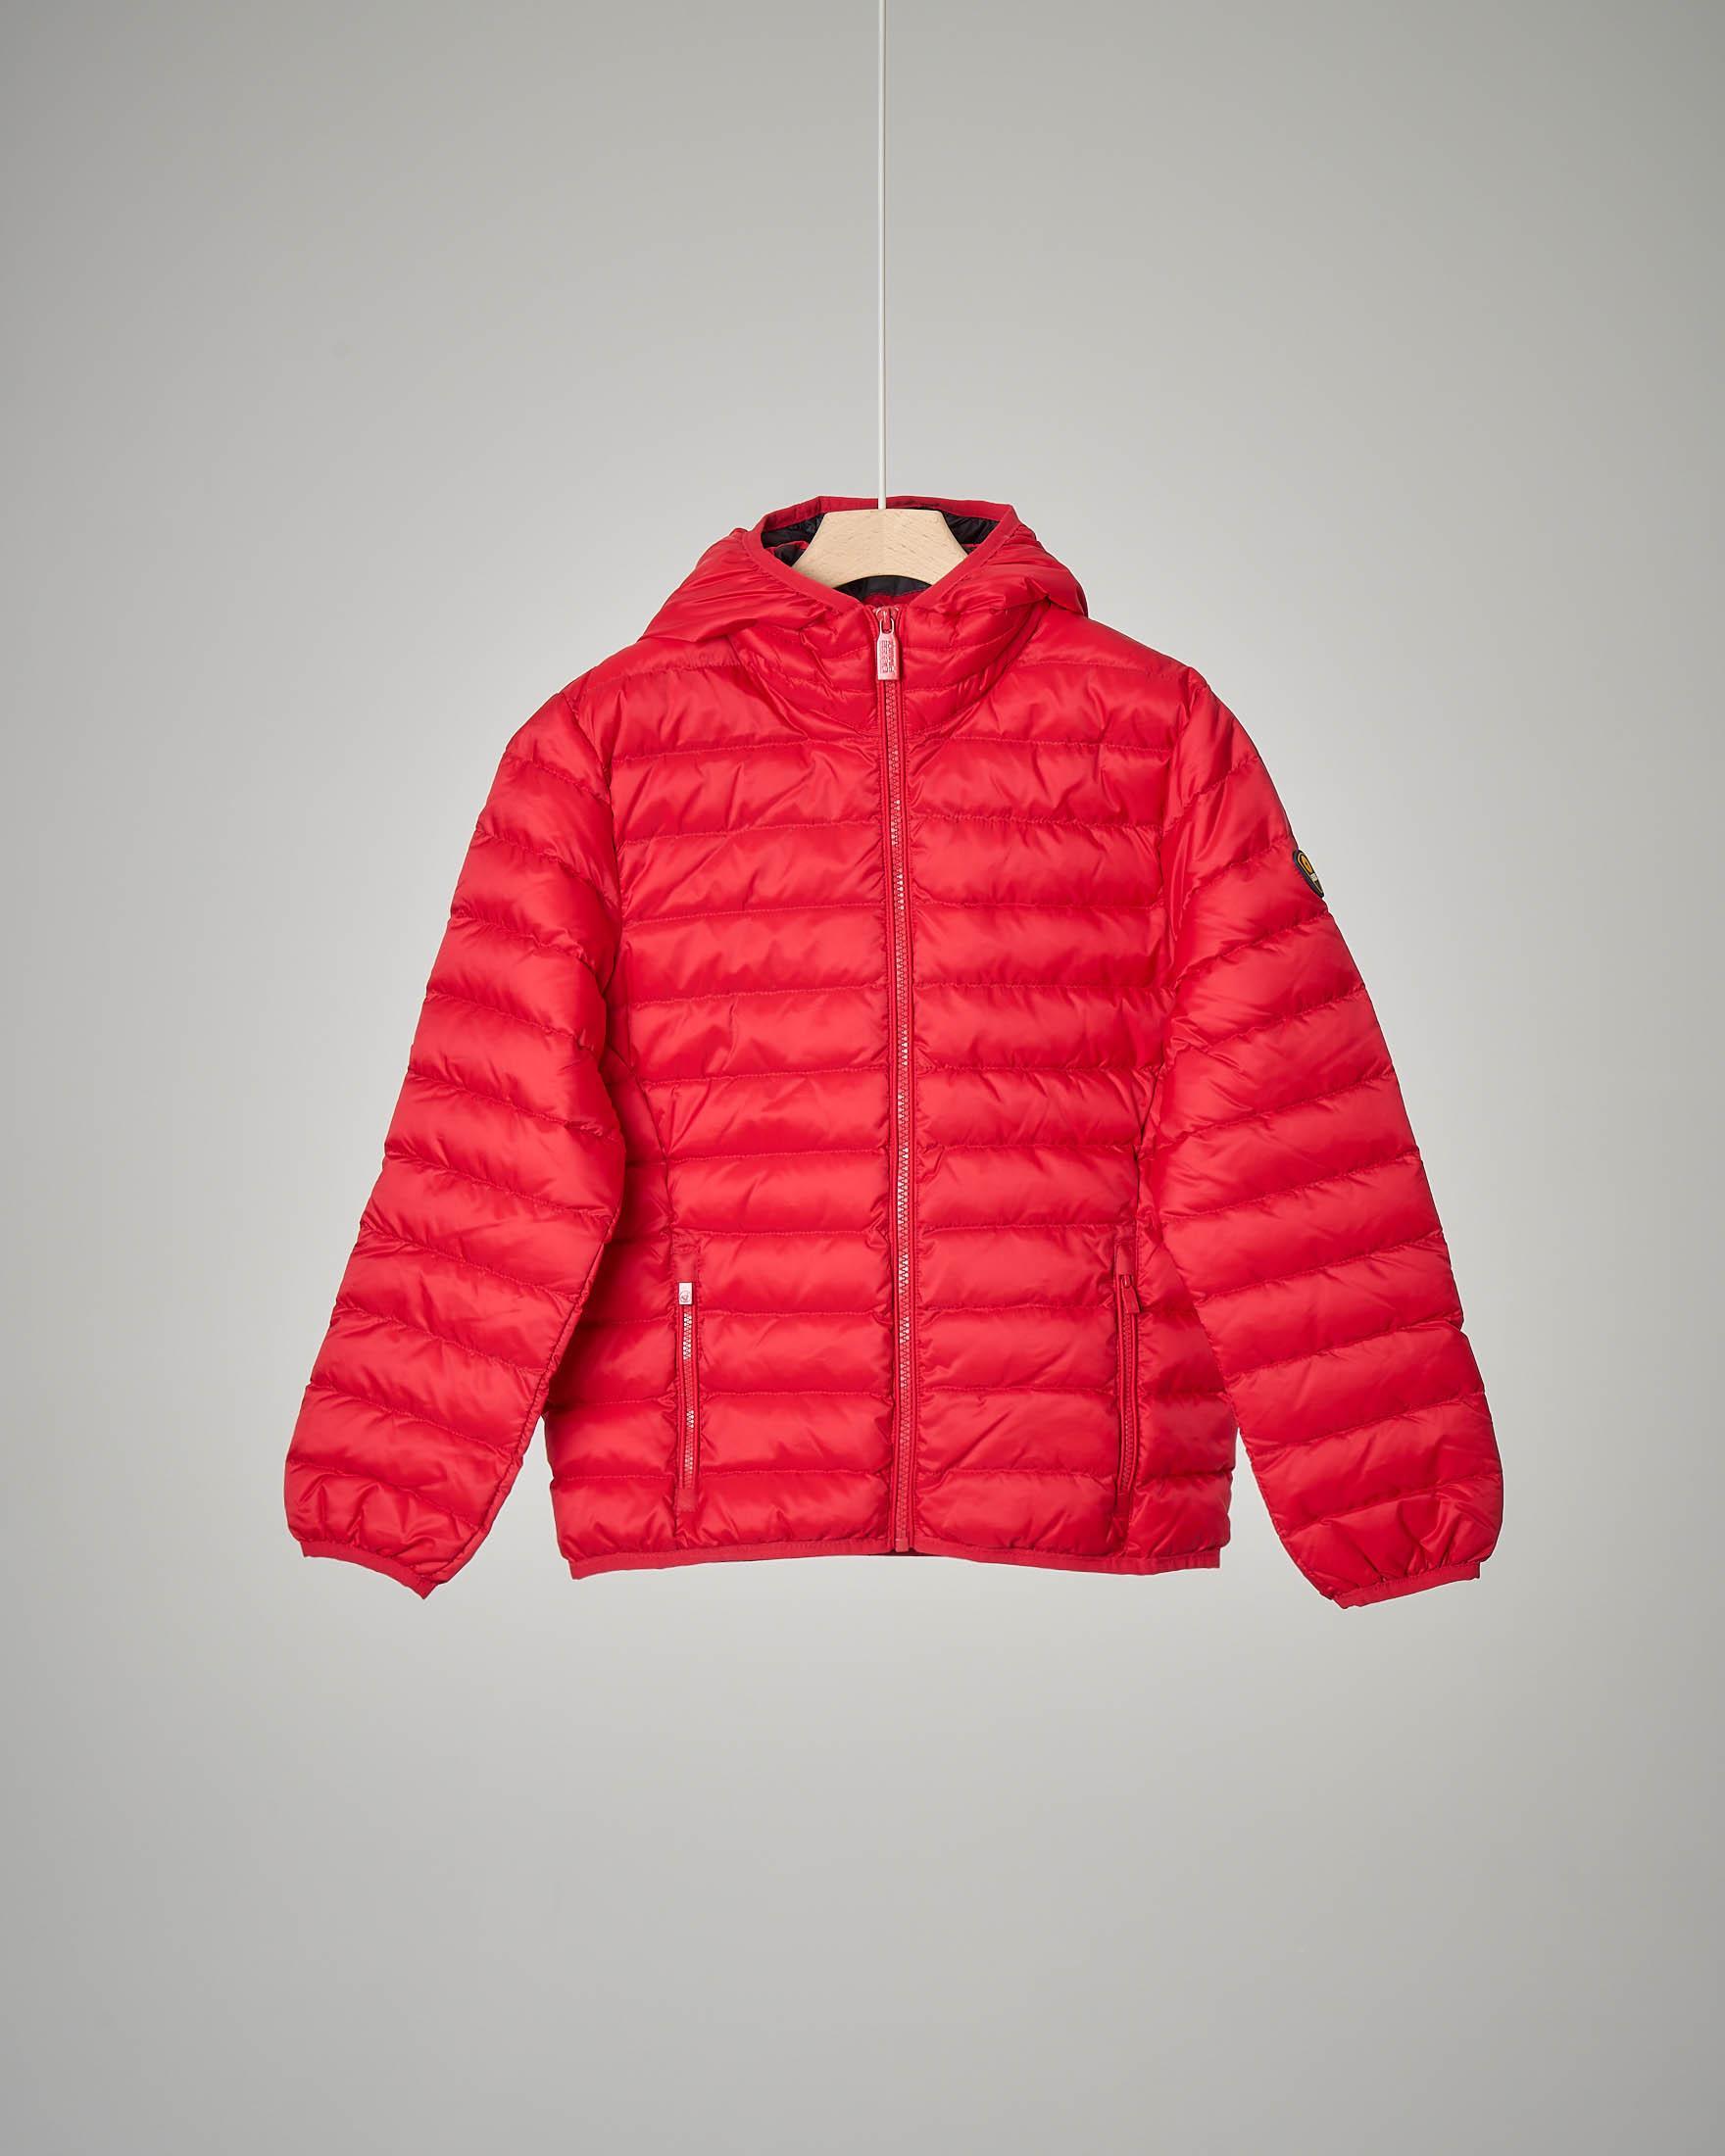 Piumino rosso con cappuccio 2-8 anni